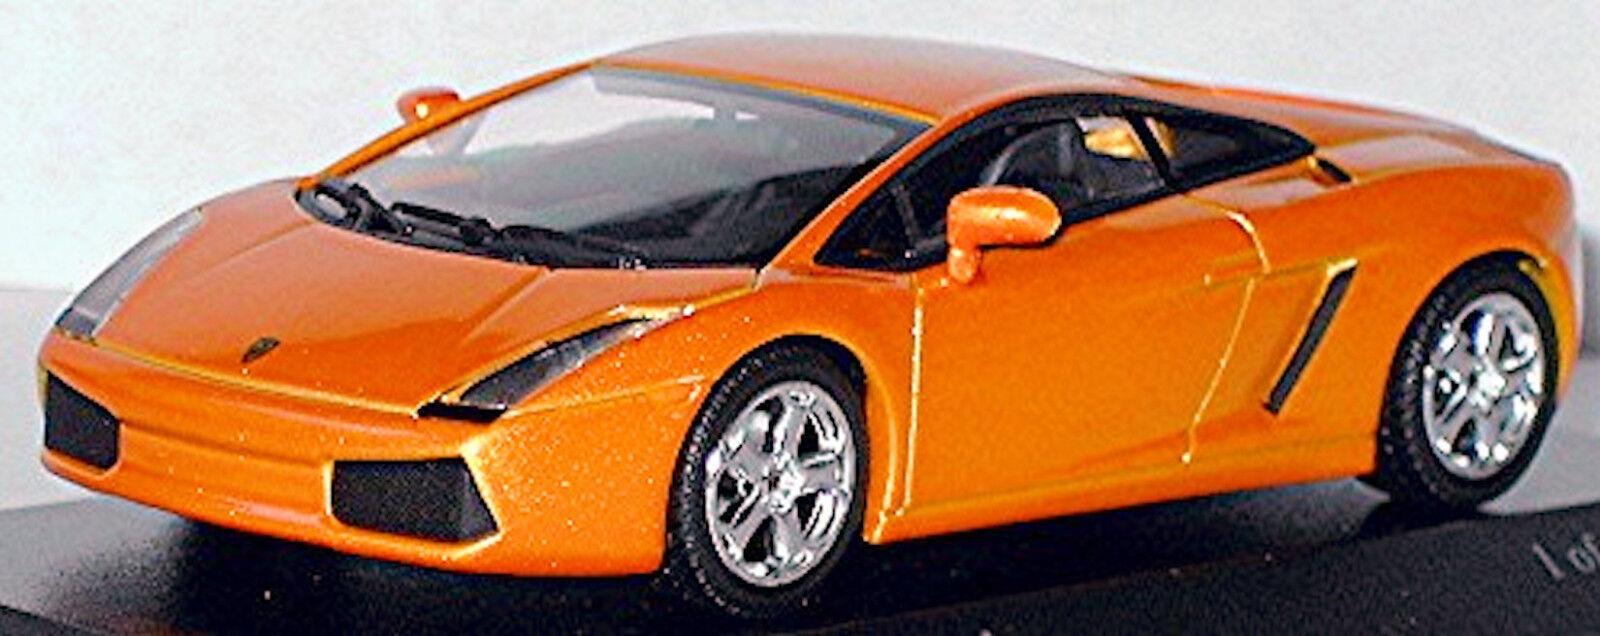 Lamborghini Gallardo 2003-11 Orange metallic 1 43 Minichamps  | Um Sowohl Die Qualität Der Zähigkeit Und Härte